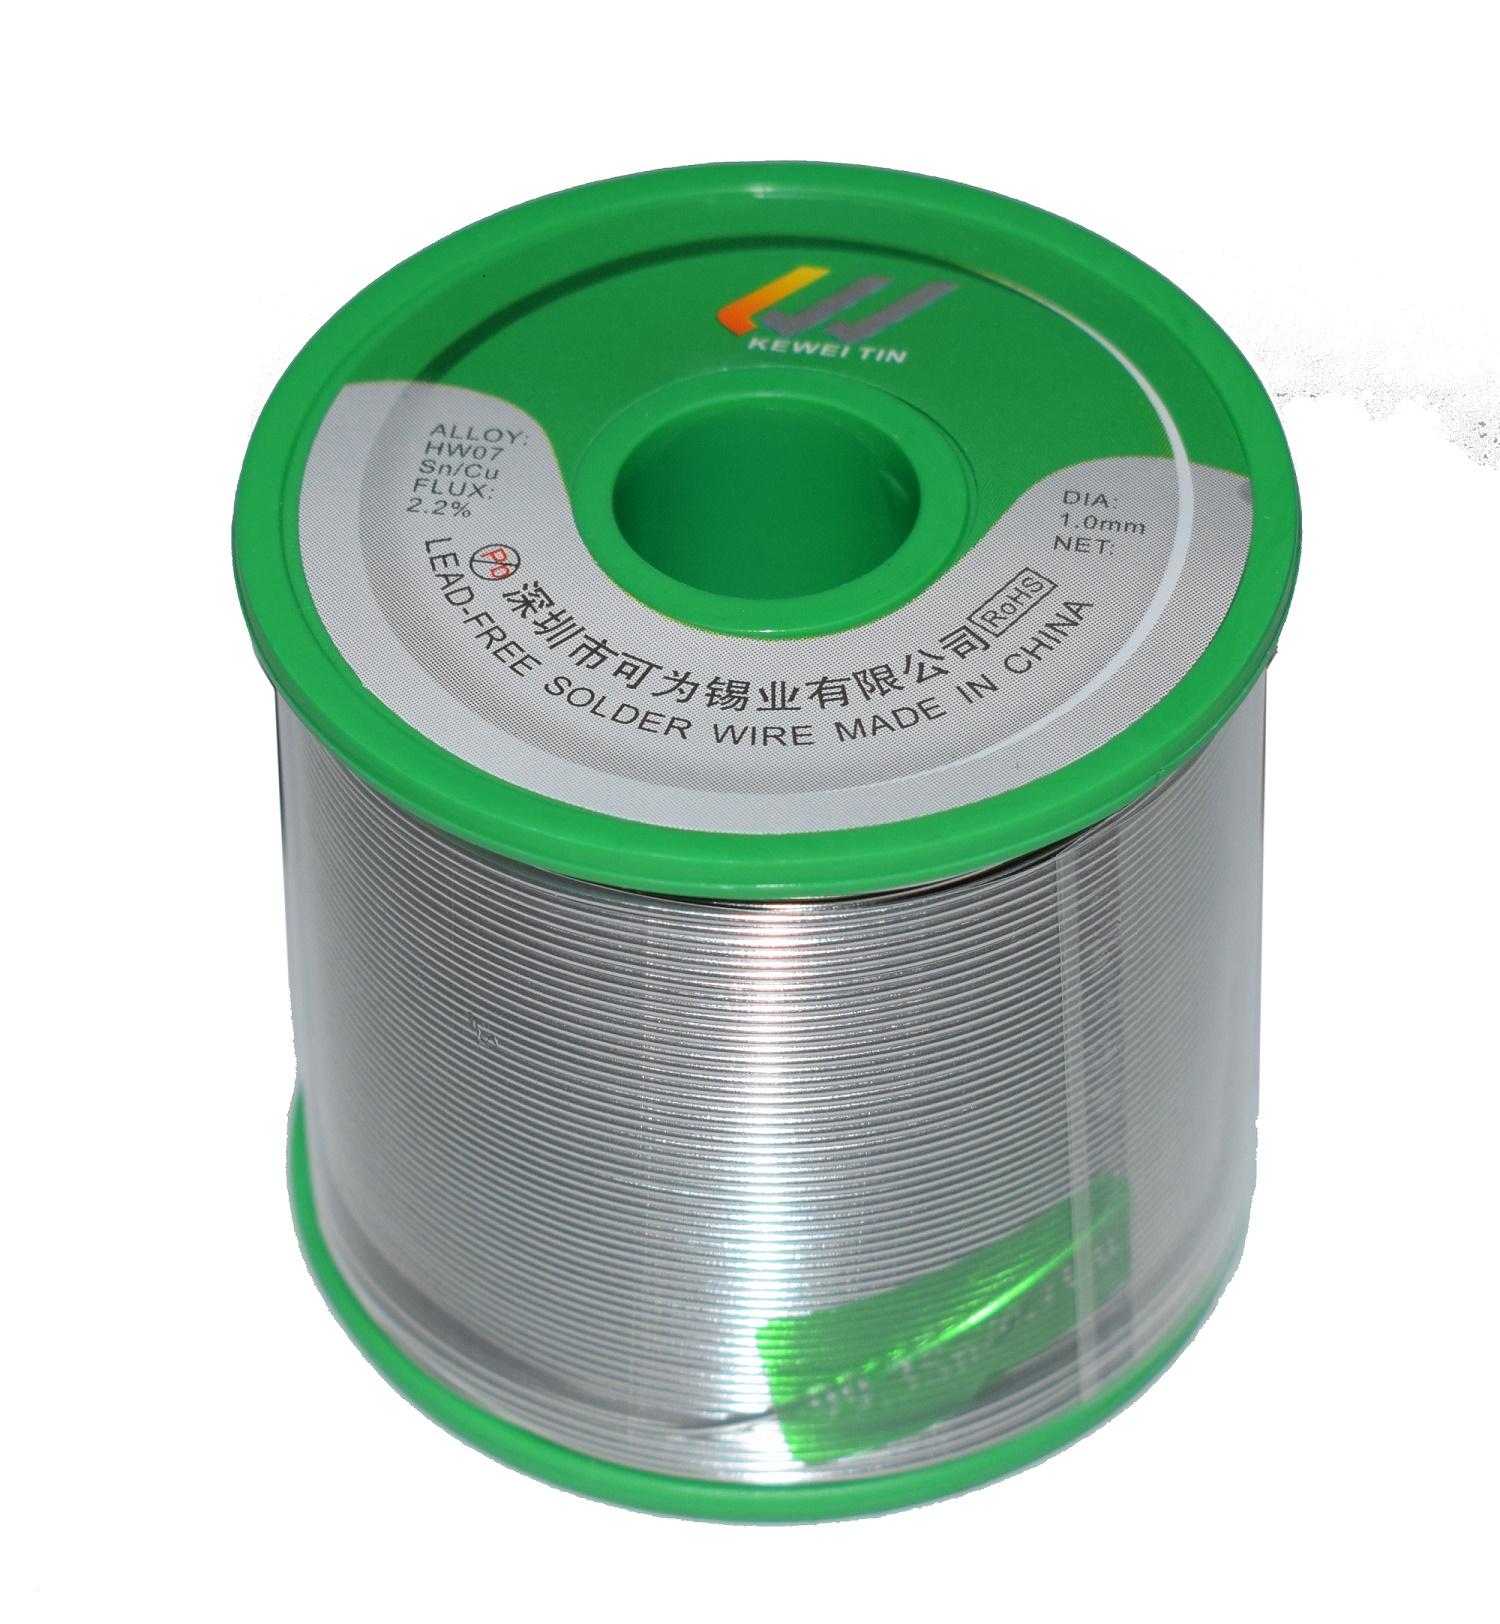 thiec-han-khong-chi-sn993-1kg-0-8mm